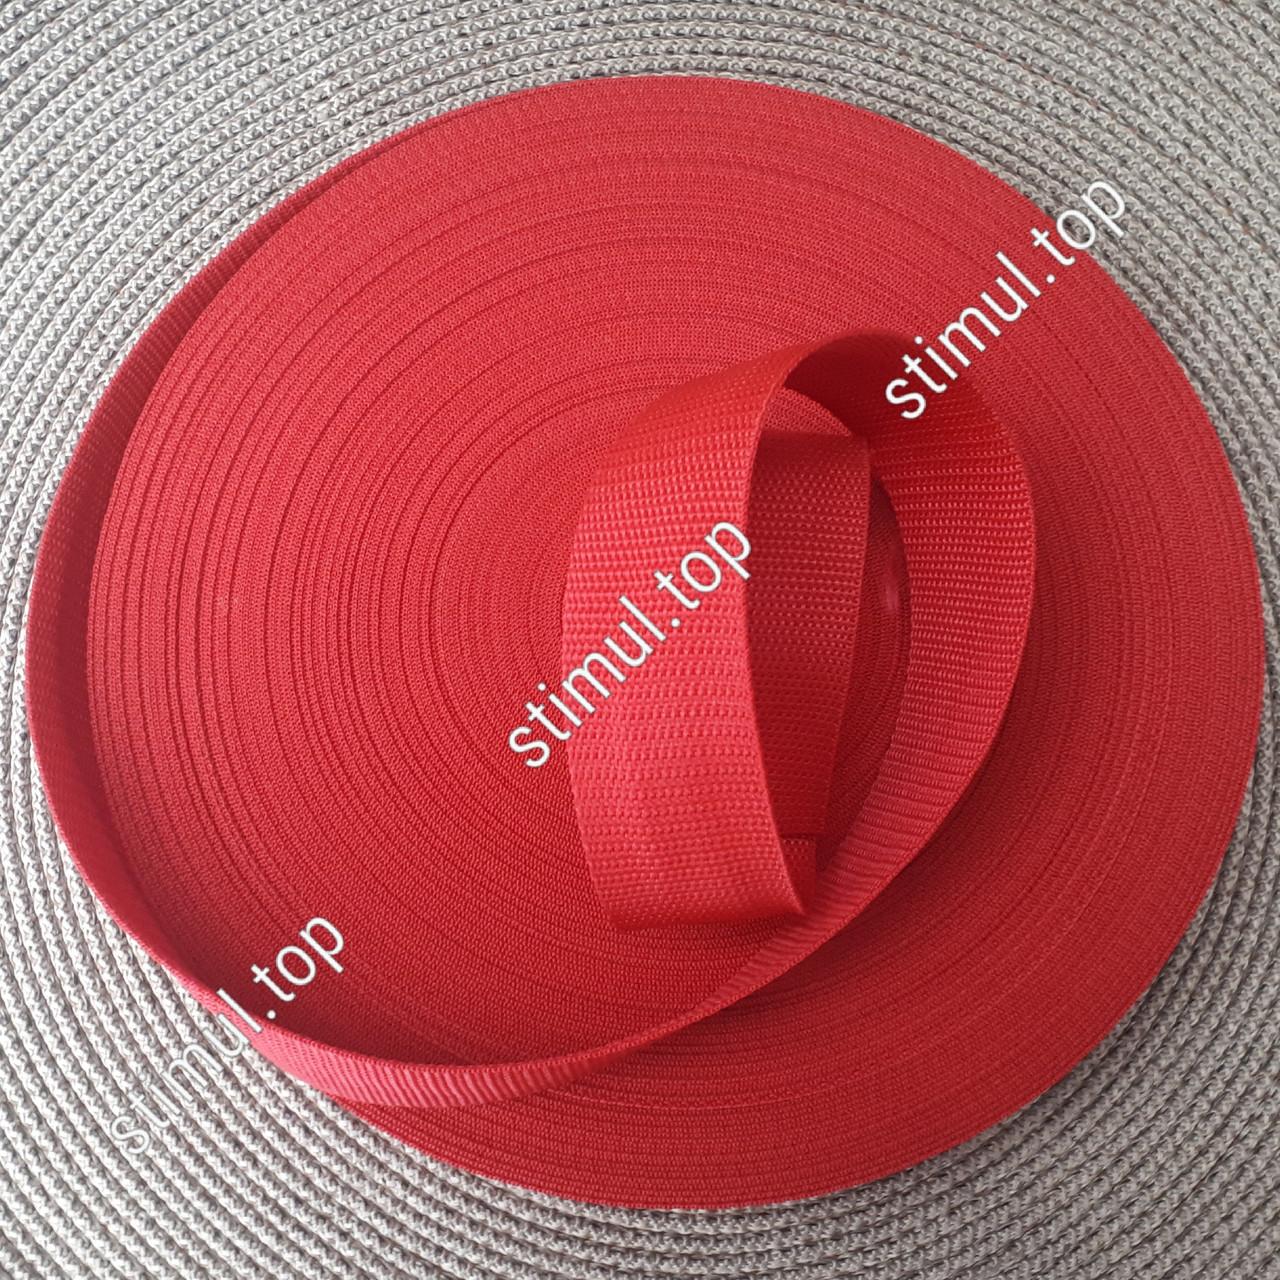 Тесьма цветная 30 мм (бухта 50 м) КРАСНАЯ / Стропа сумочная ременная / Лента для рюкзаков / Стрічка ремінна